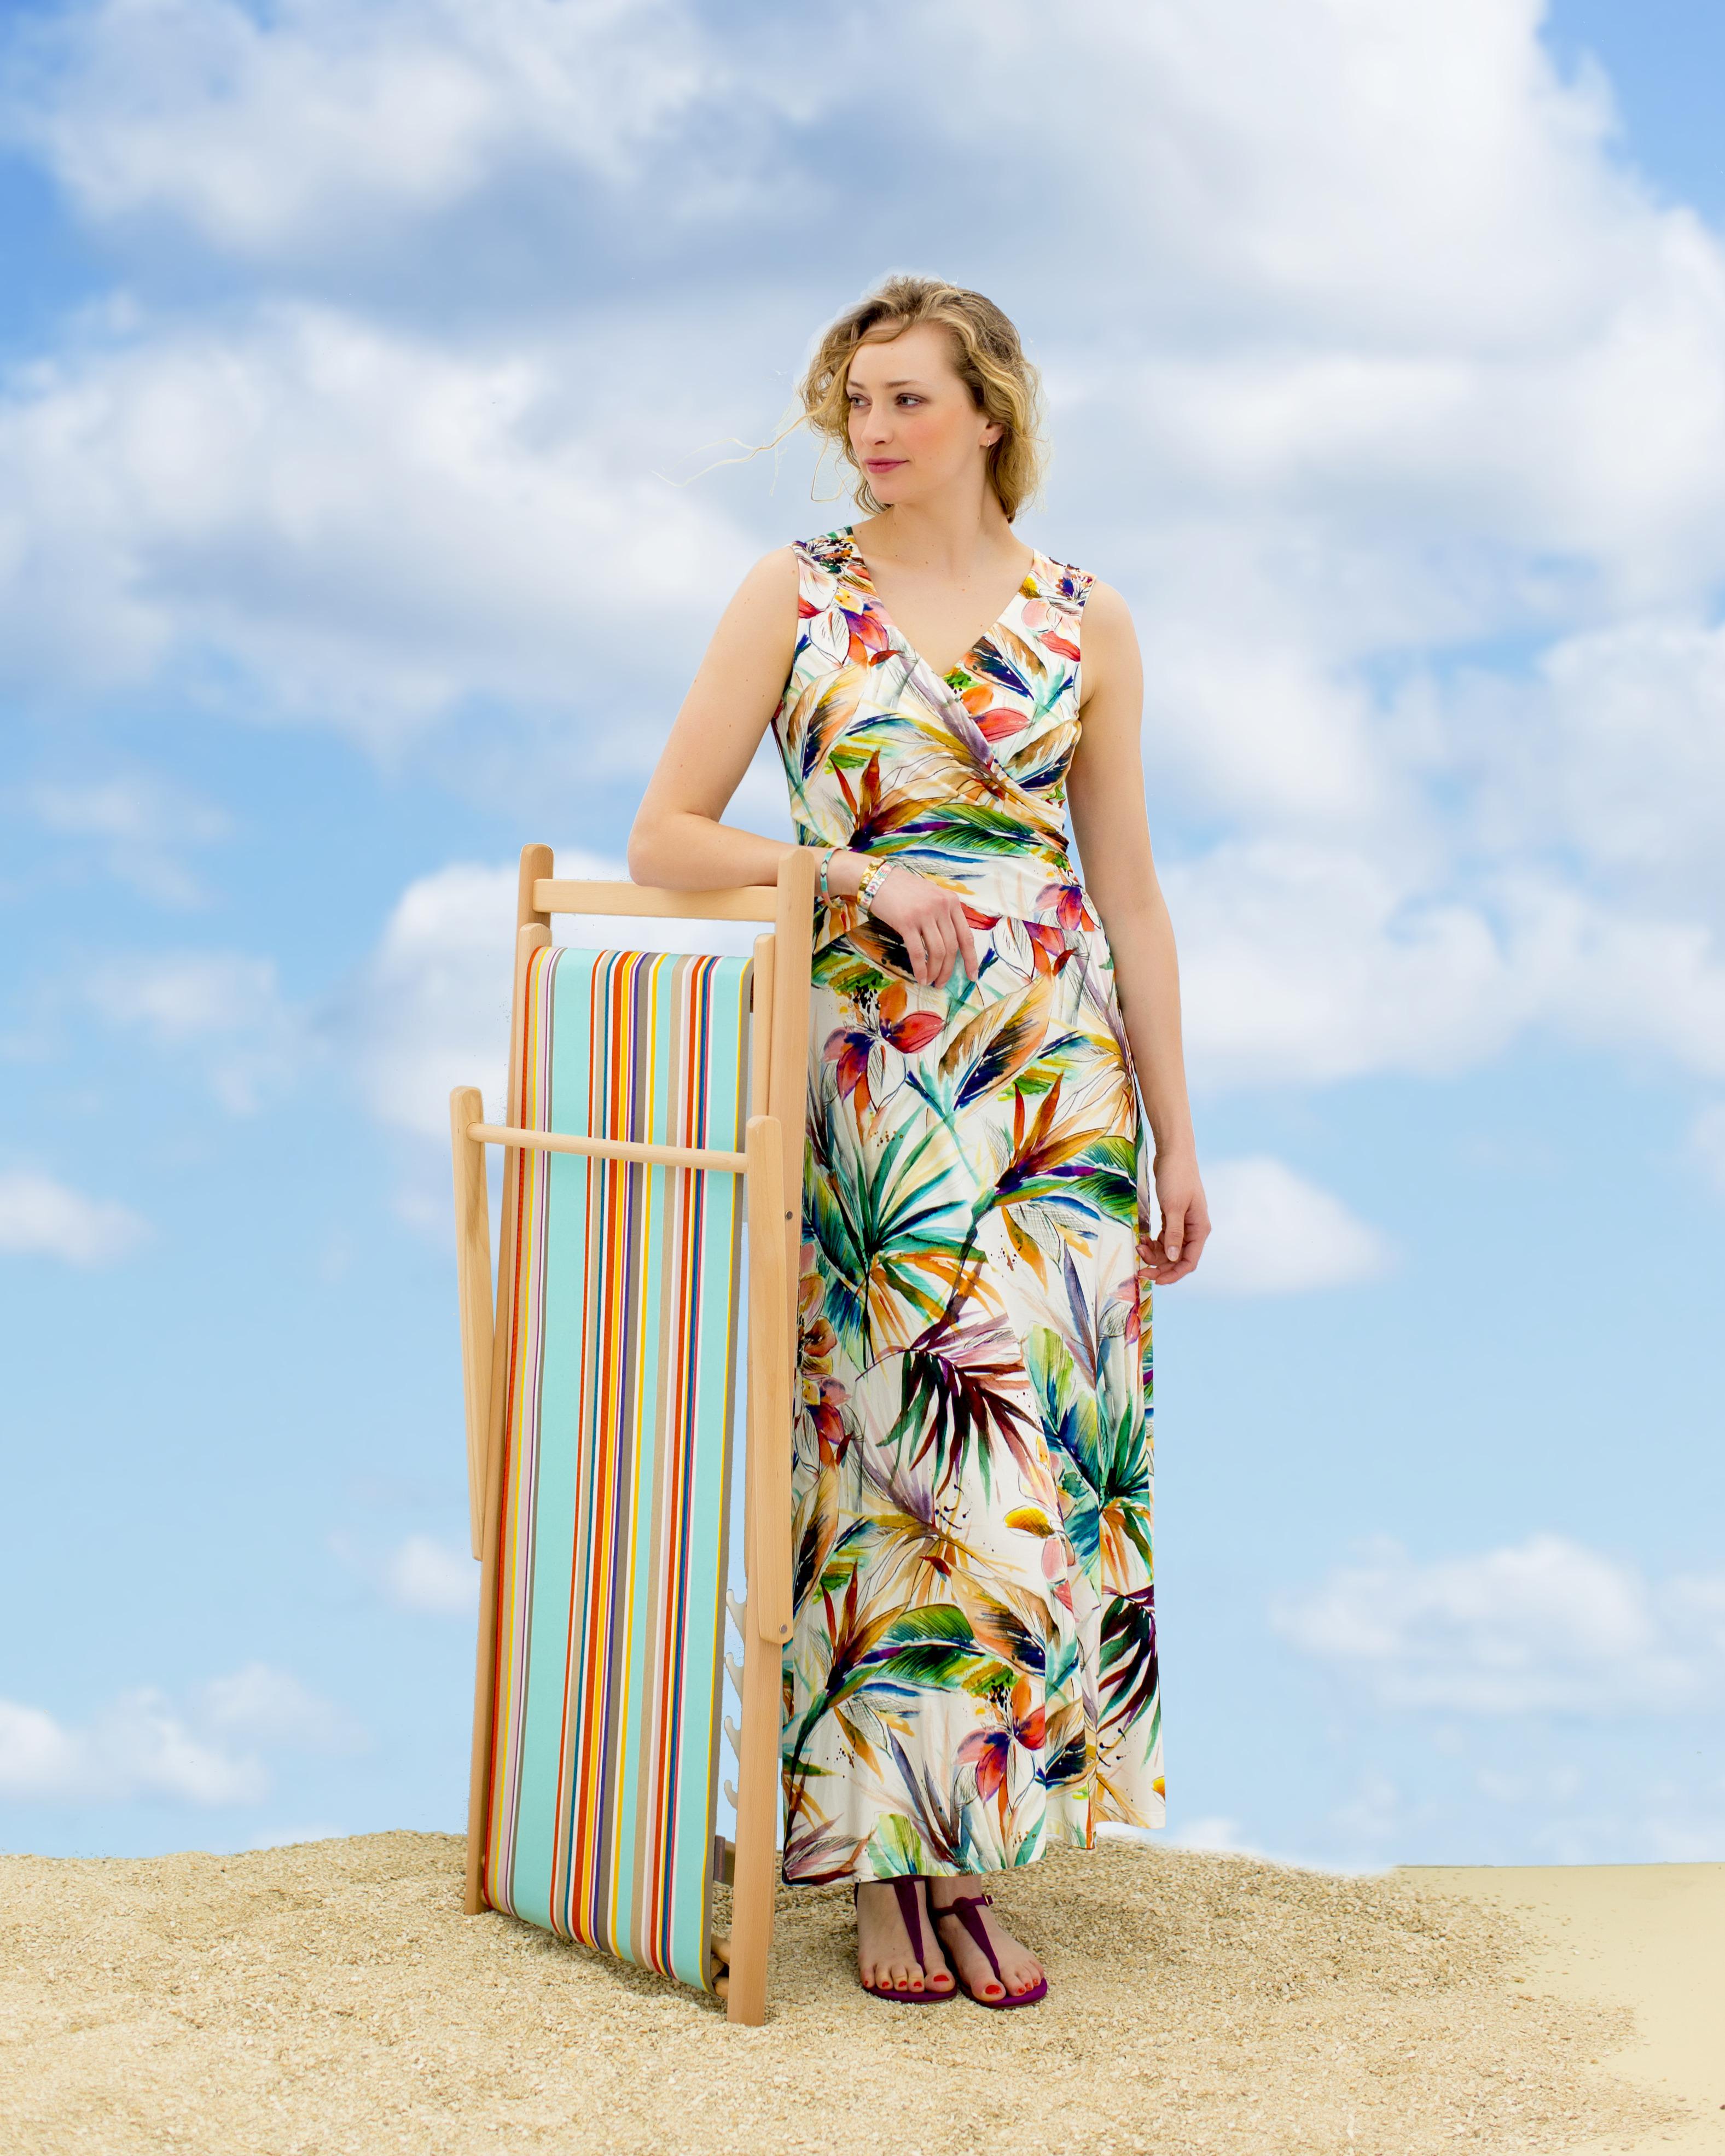 Les Magazines De Juillet Fashion Style La Bobine